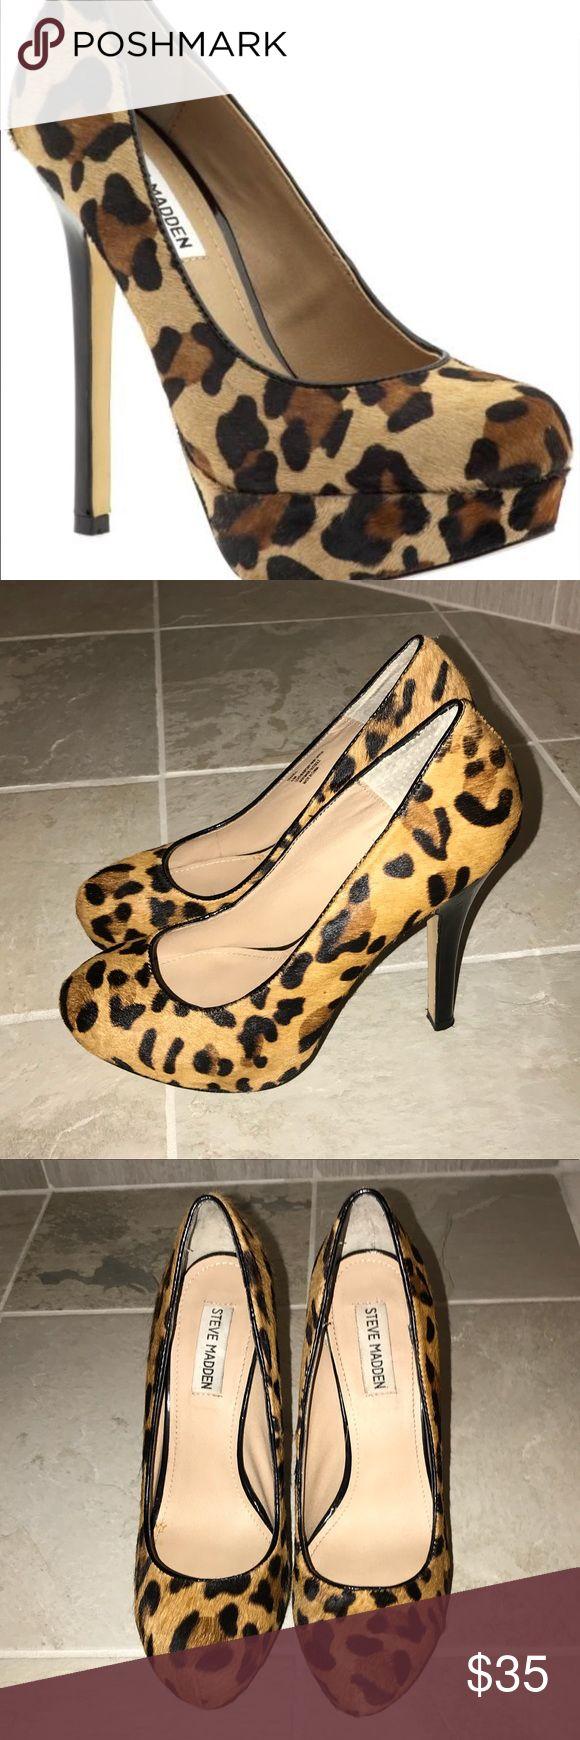 Steve Madden real fur printed leopard pumps